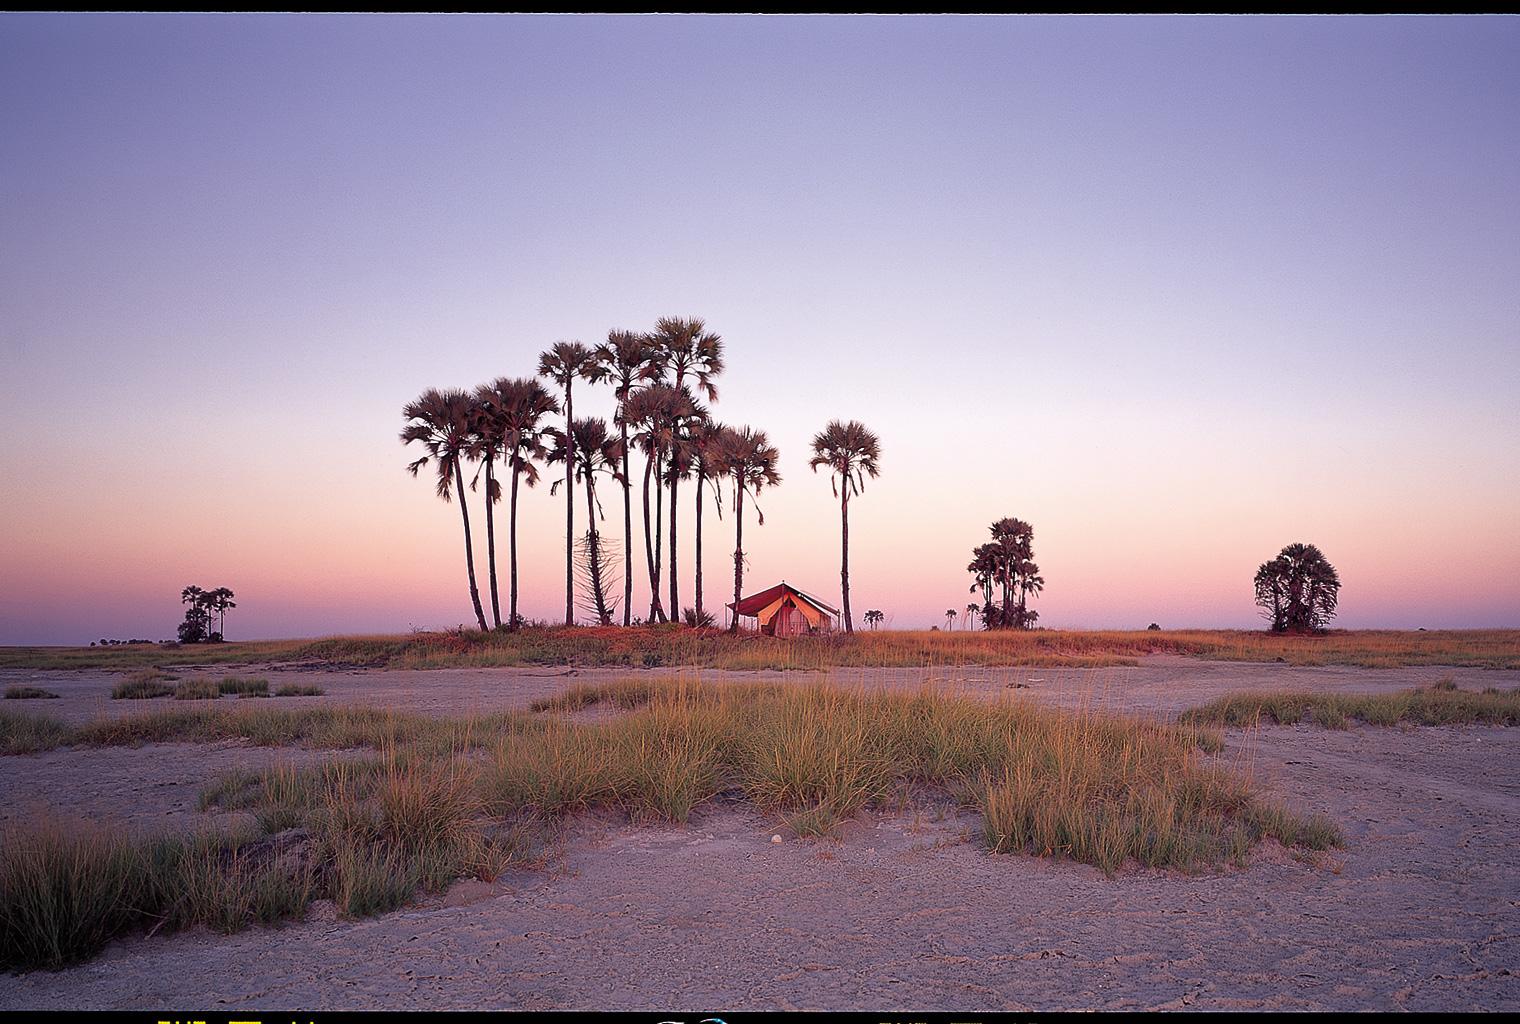 San-Camp-Botswana-Exterior